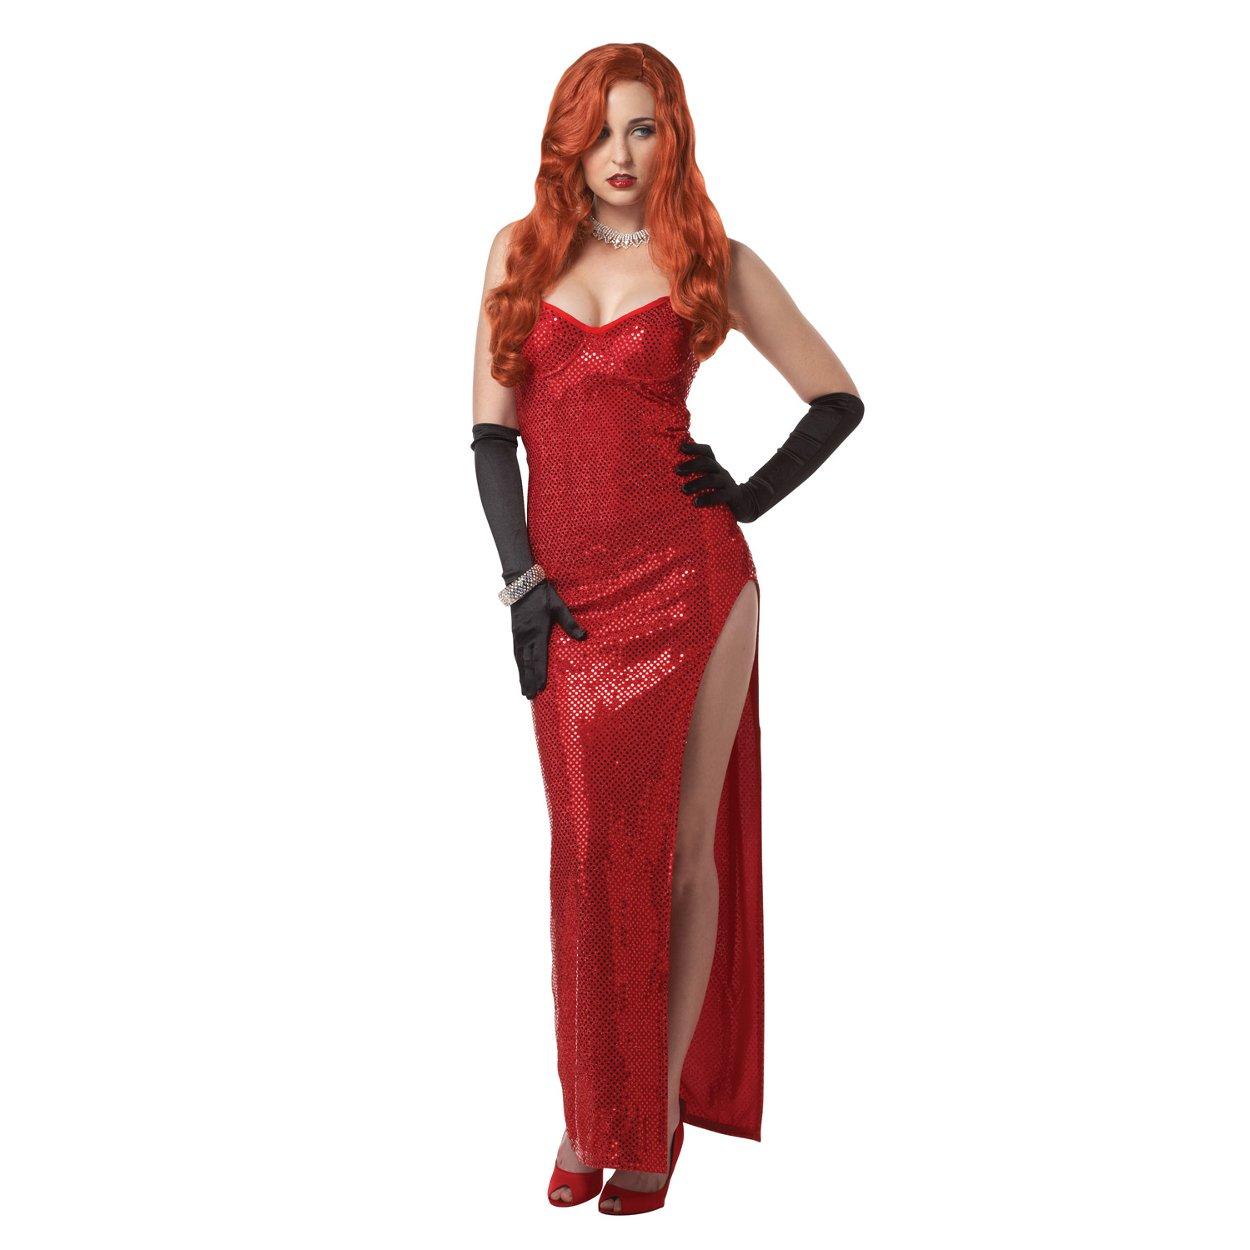 Jessica Rabbit Damen Kostüm Kleid rot Sexy Pailletten die gerahmt ...